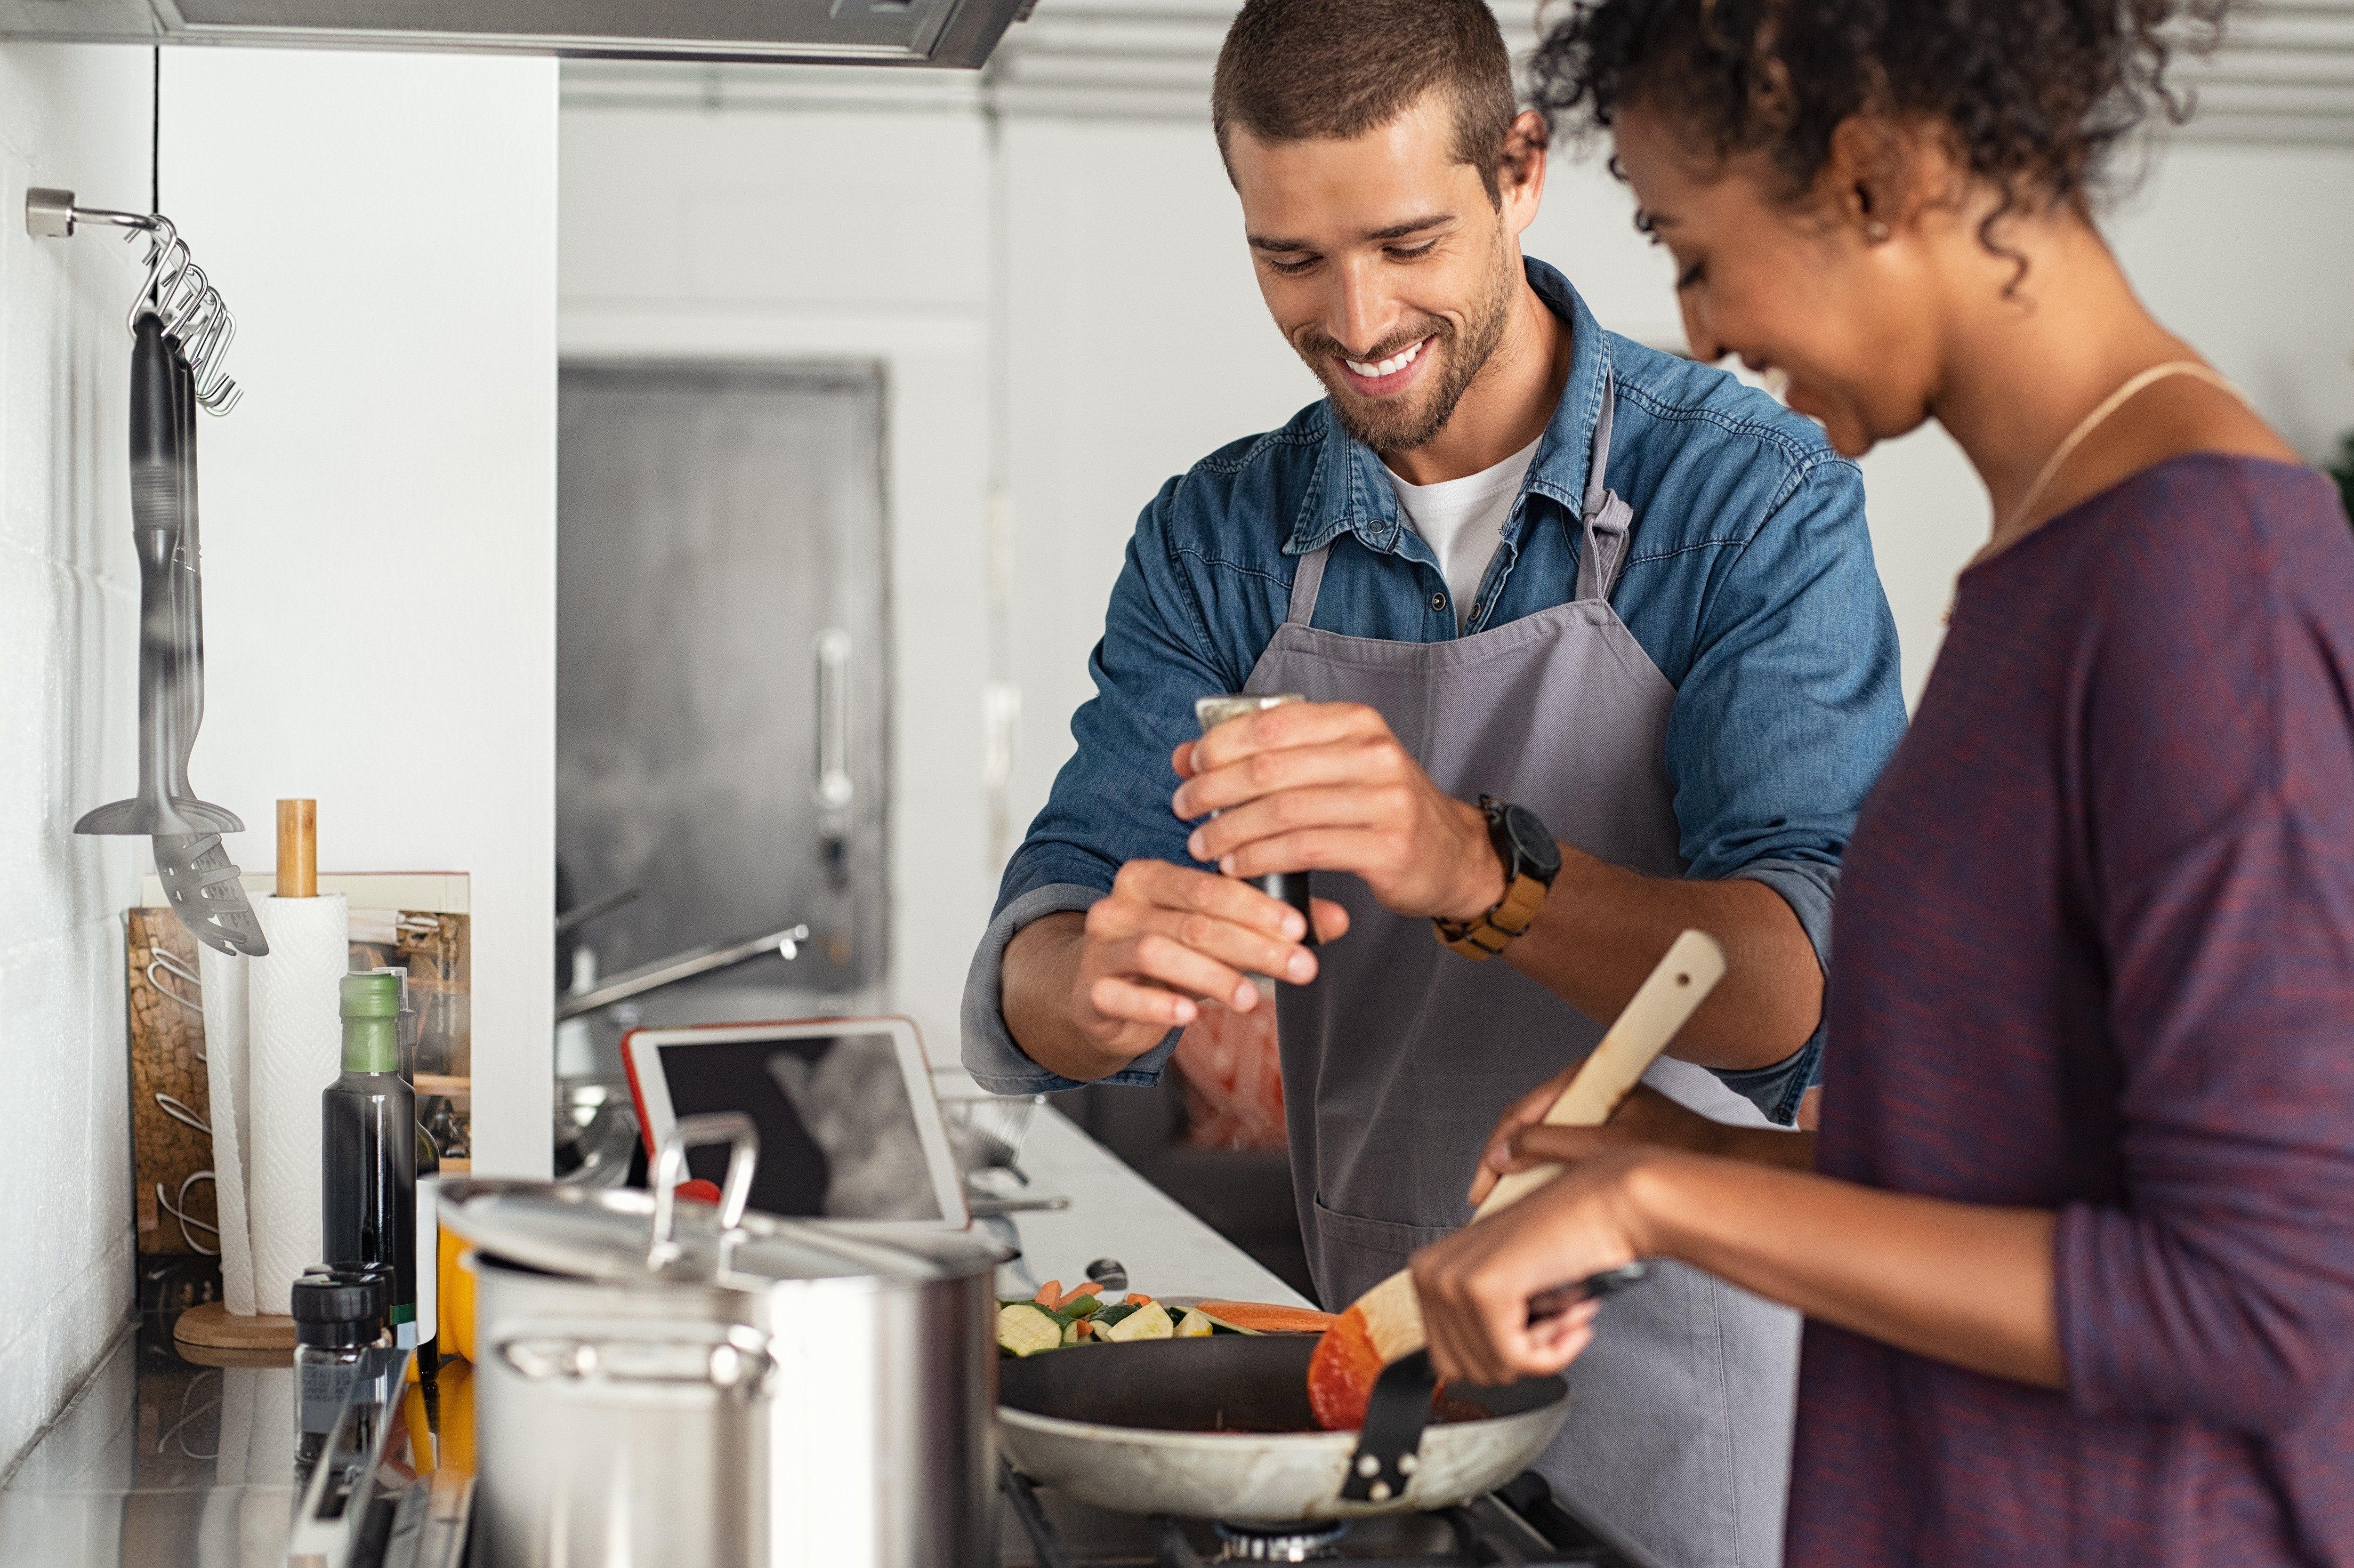 The Kitchen Movie |Teaser Trailer